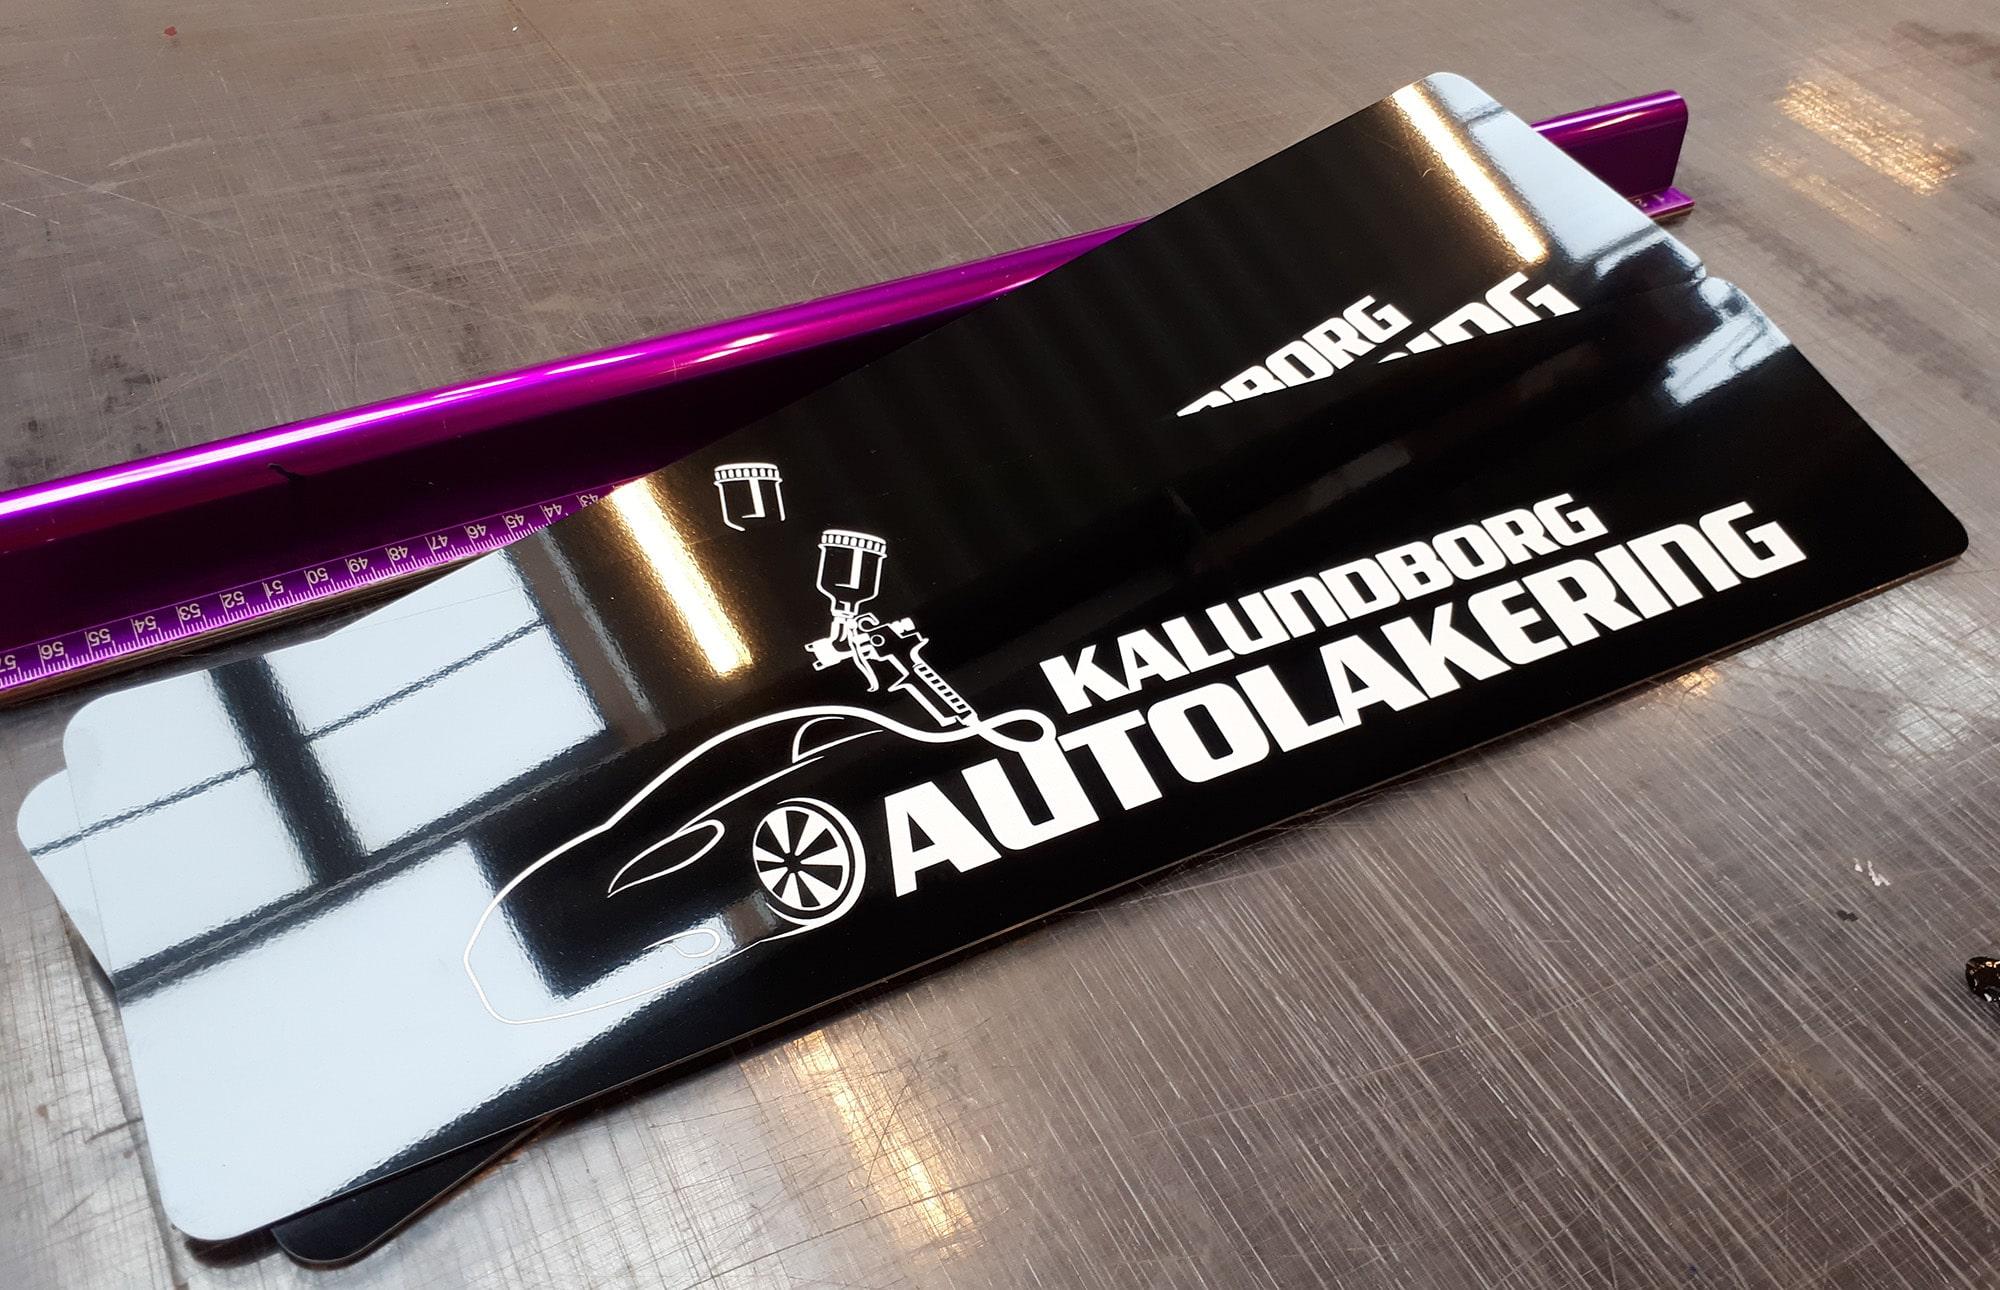 showplader - kalundborg autolakering